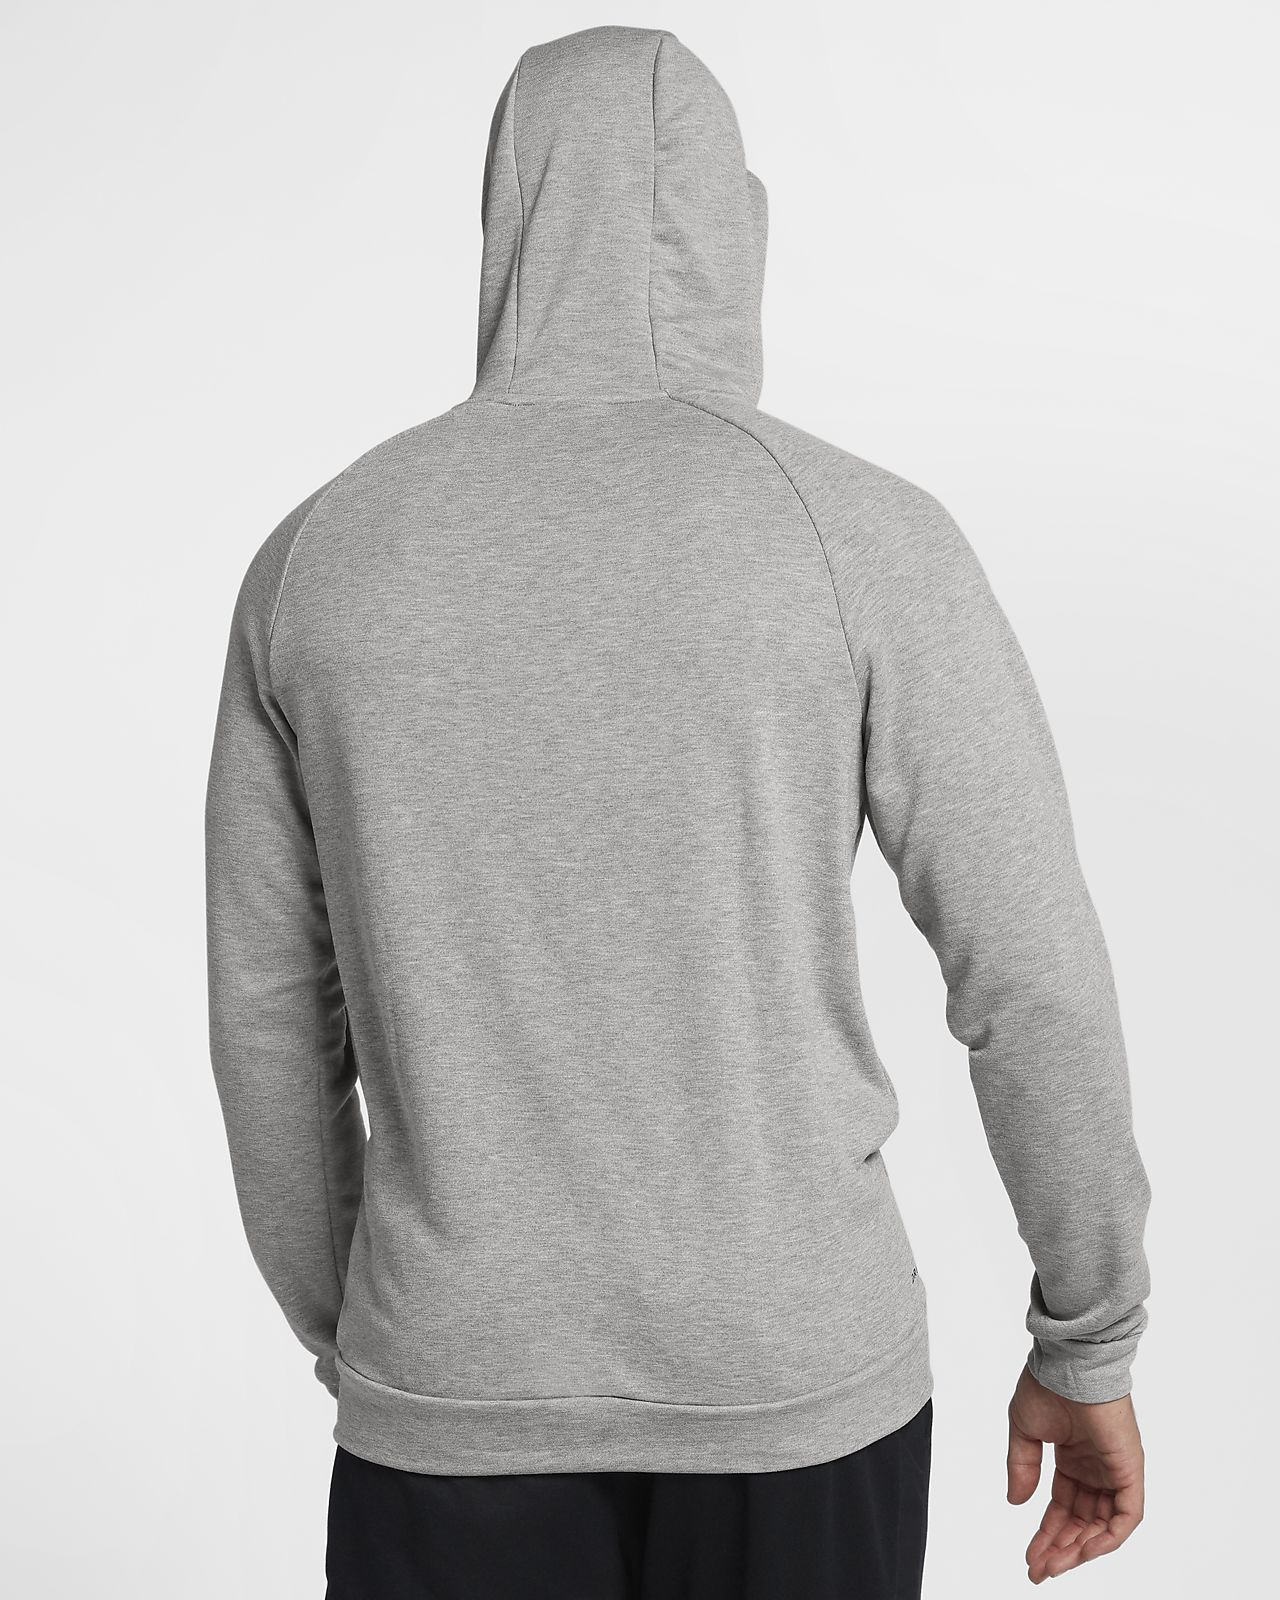 Nike Dri-FIT Sudadera con capucha de entrenamiento - Hombre